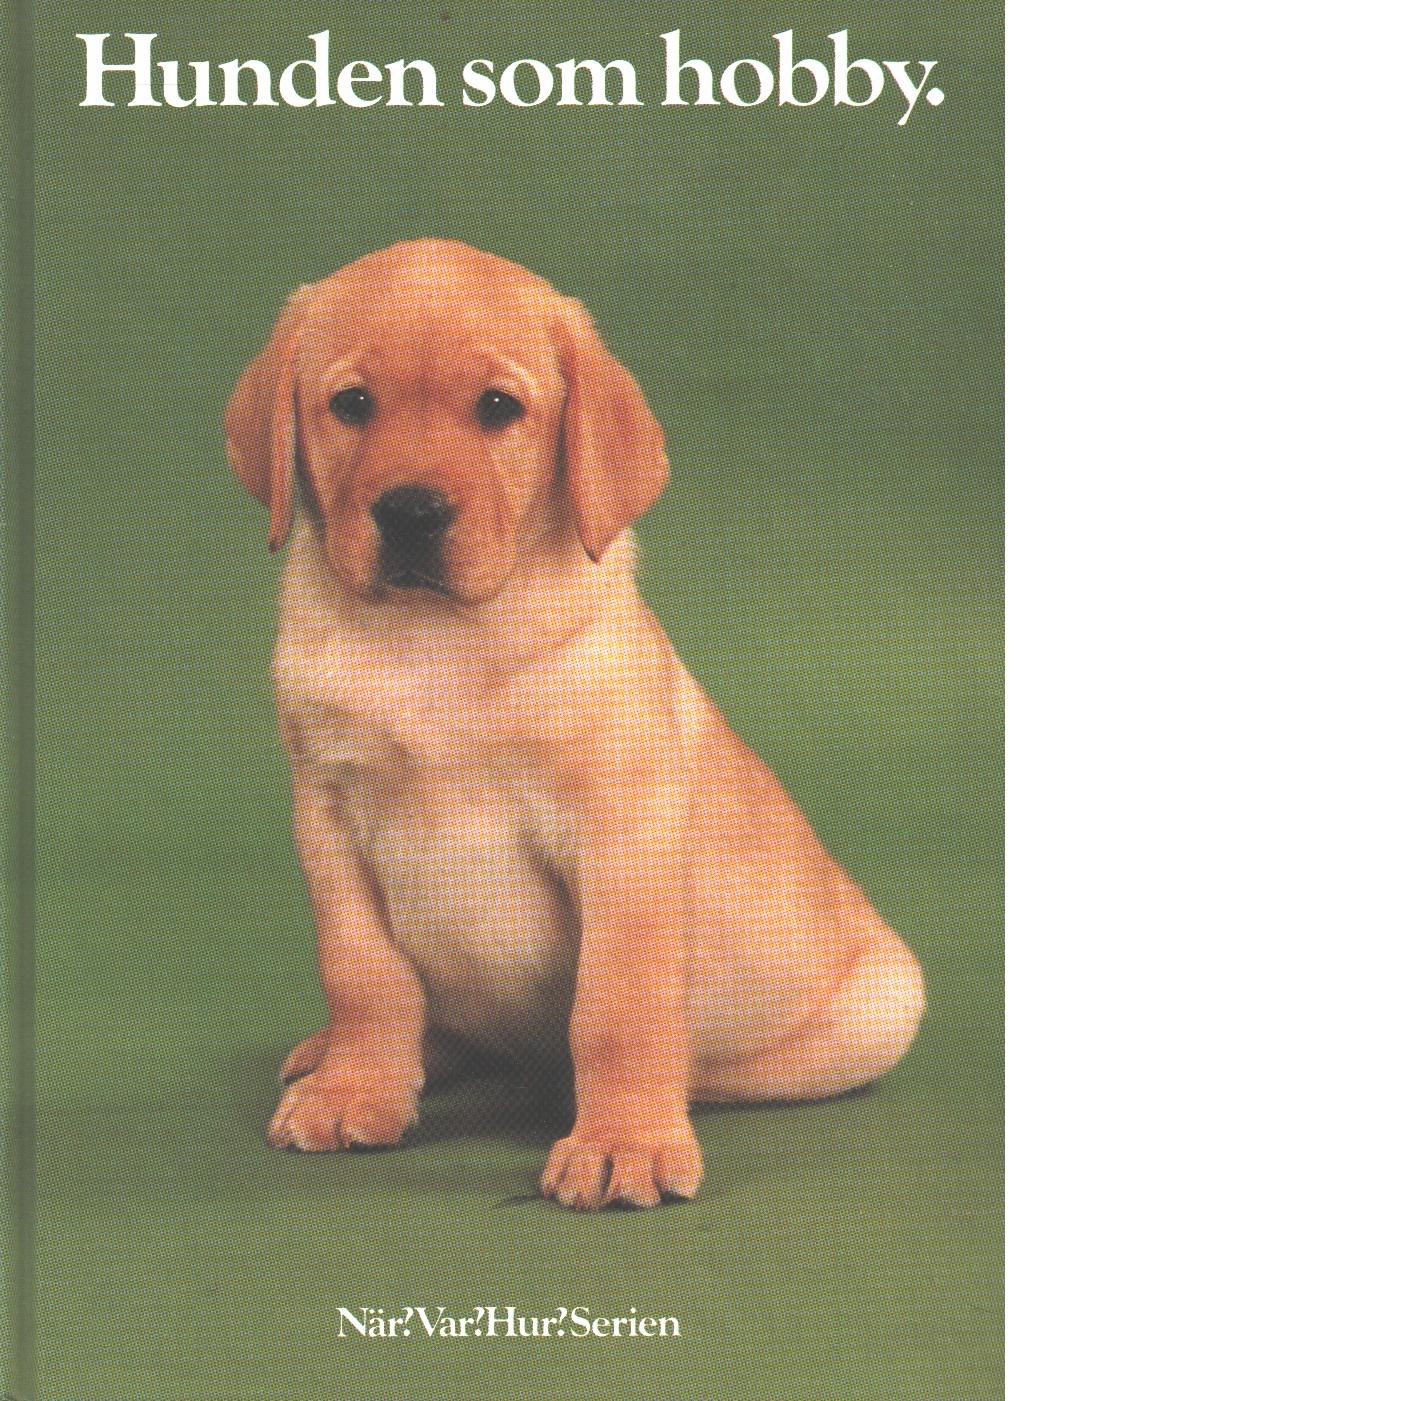 Hunden som hobby - Red.